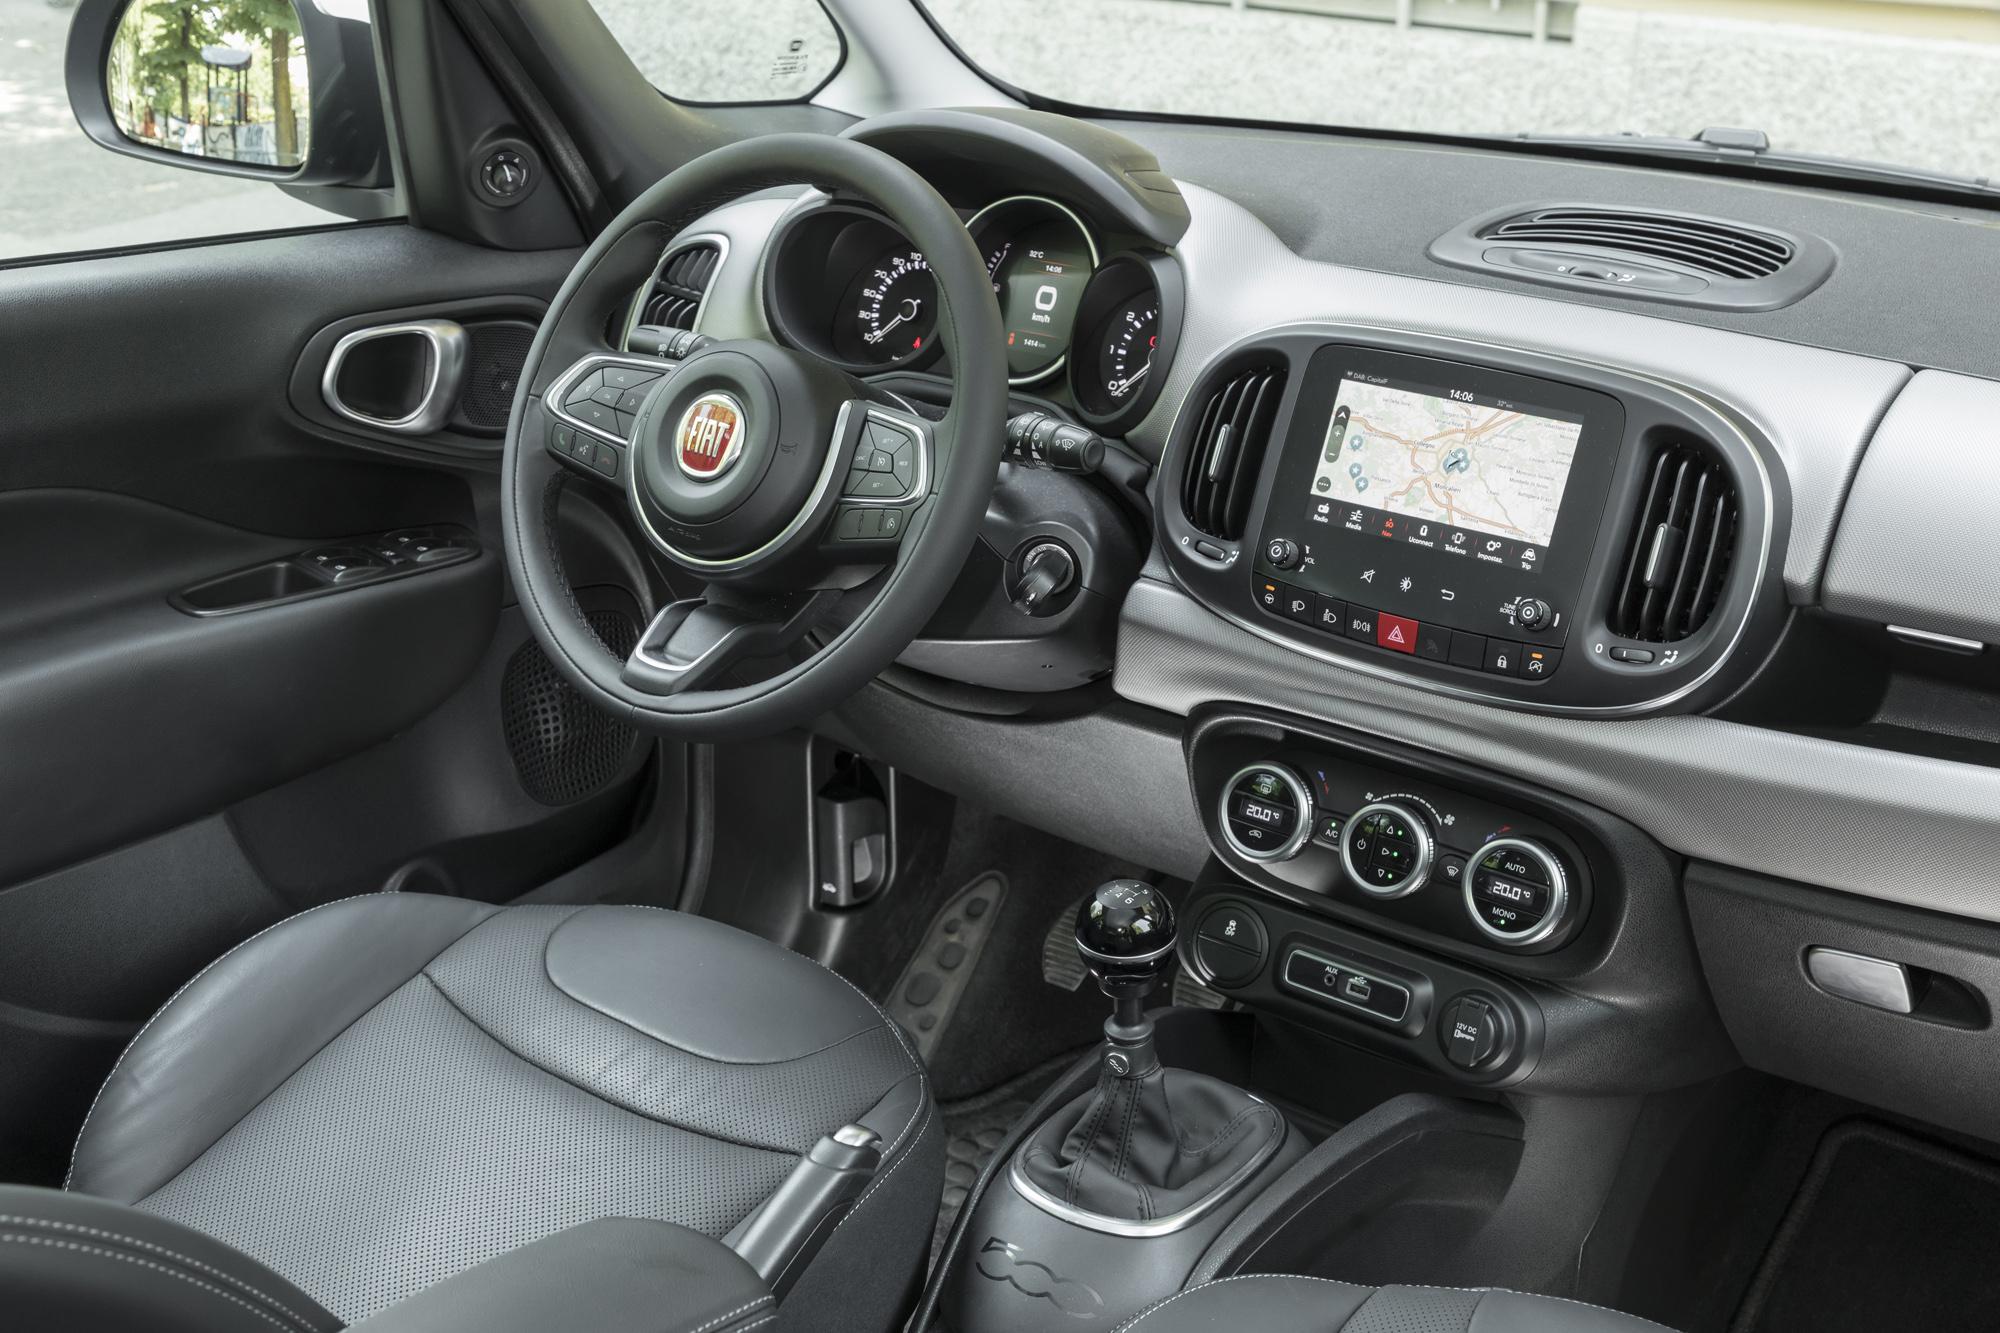 Essai Auto nouvelle Fiat 500 L - Fiat 500 L - 11/10/2017 - Ouest ...